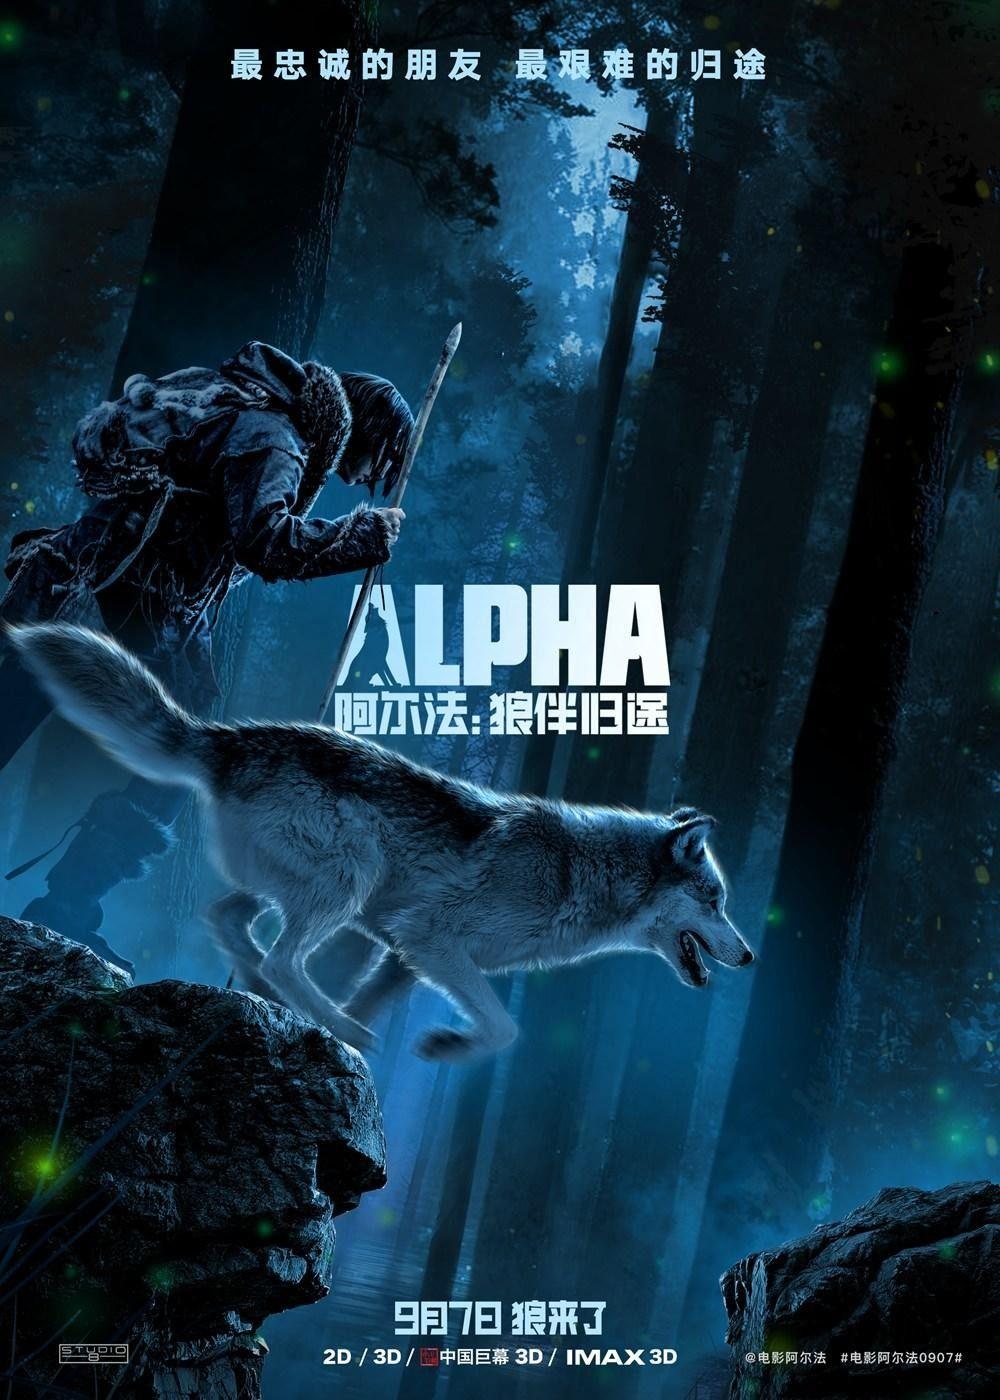 Alpha Movie Review